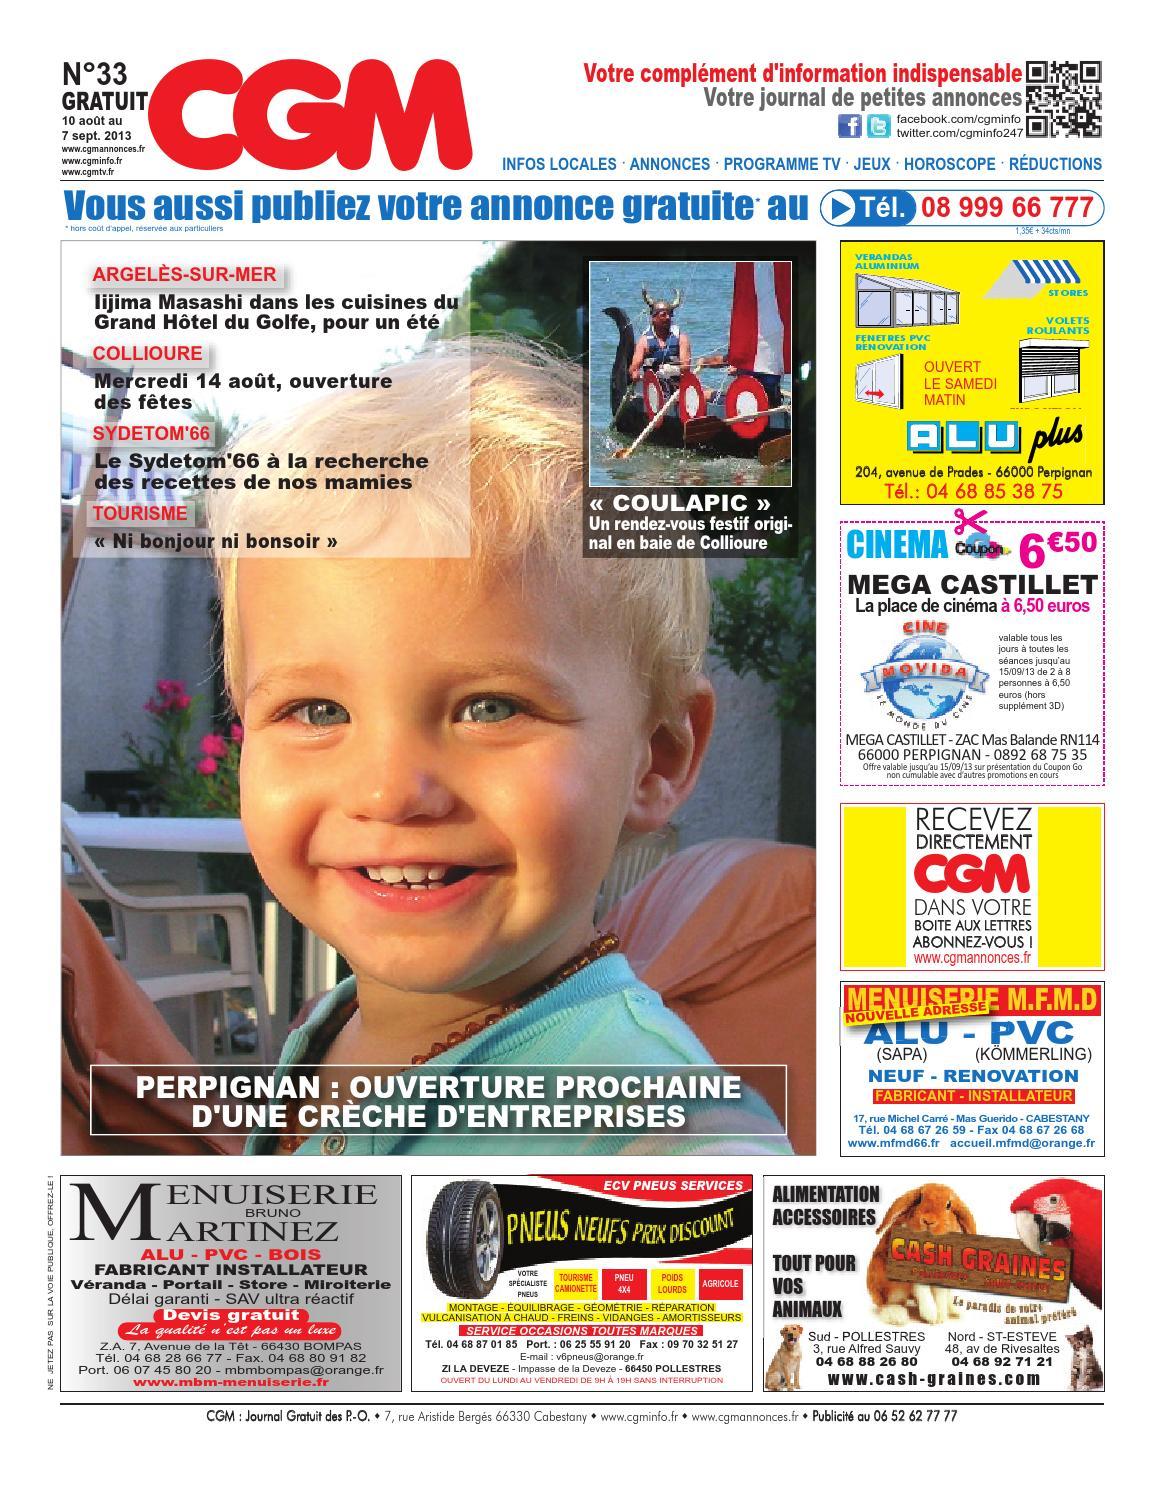 cgm 33 journal gratuit d 39 information et de petites annonces gratuites perpignan et sa r gion. Black Bedroom Furniture Sets. Home Design Ideas